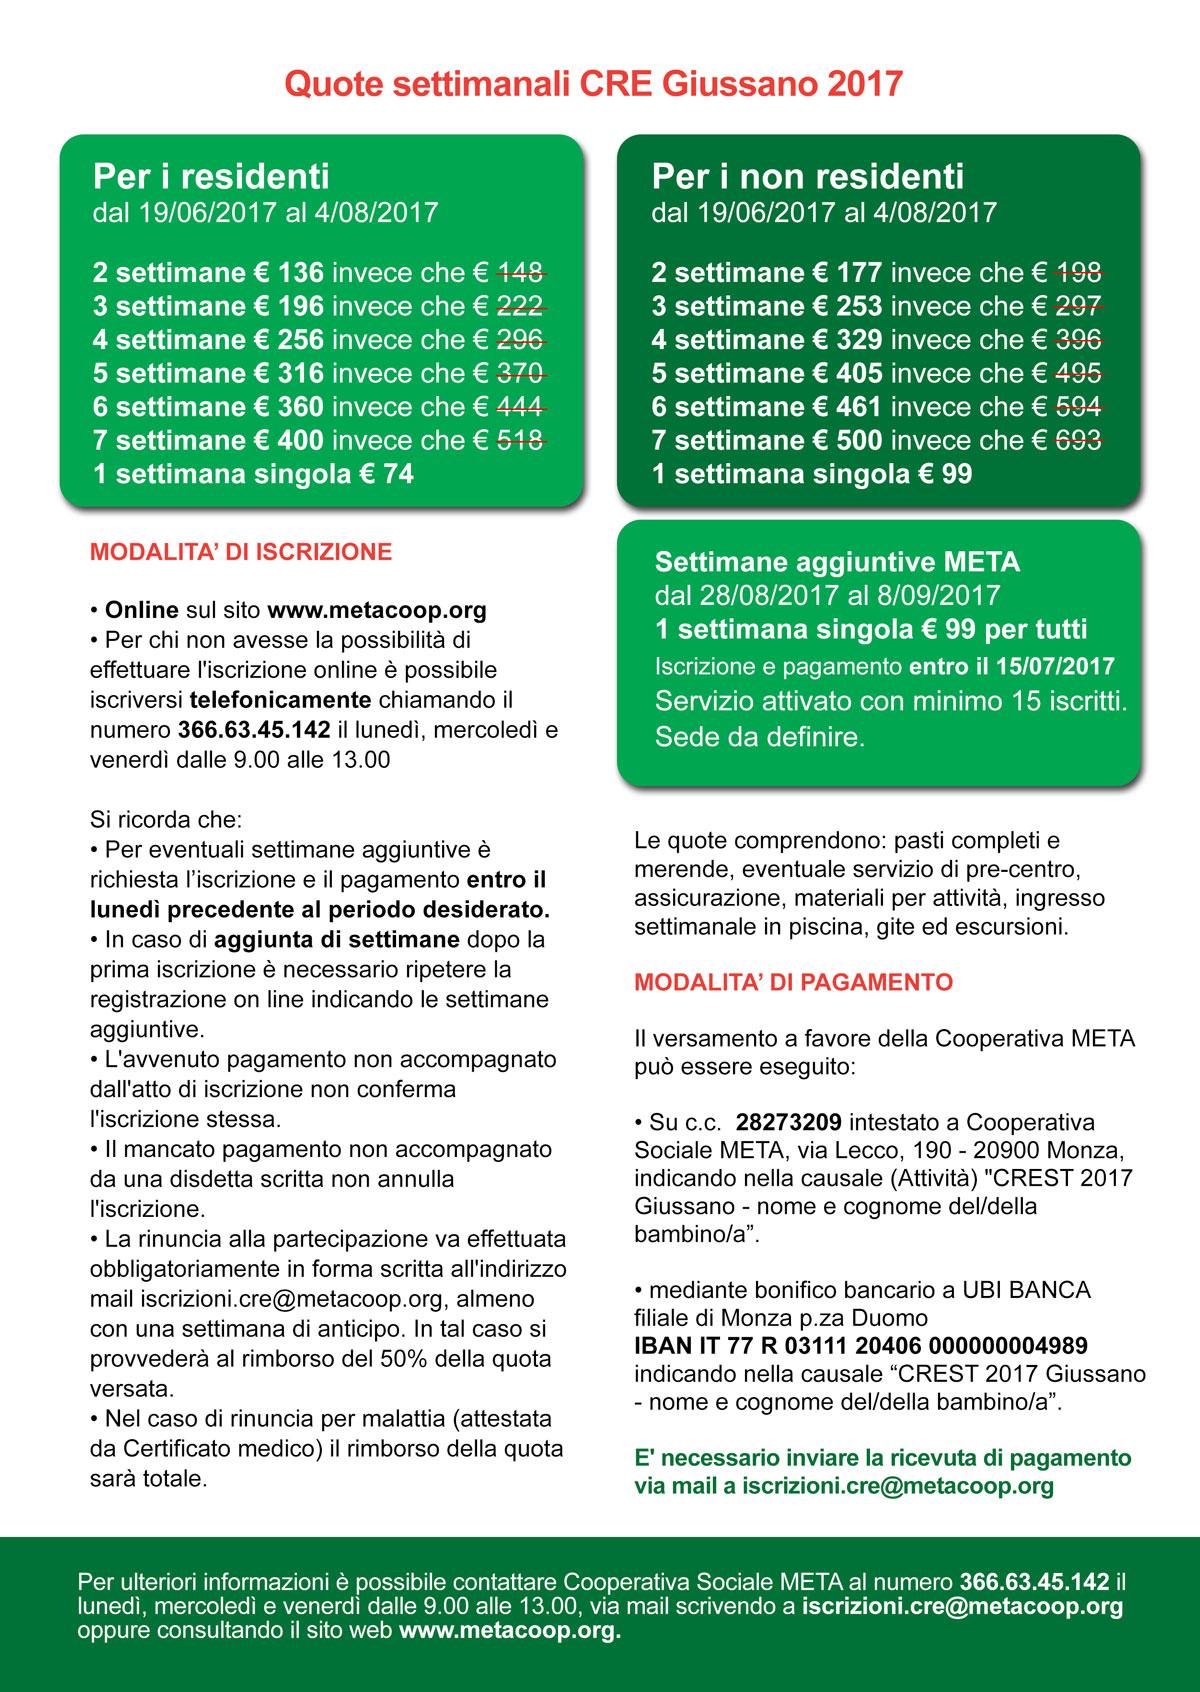 CRE-GIUSSANO-RETRO-2017